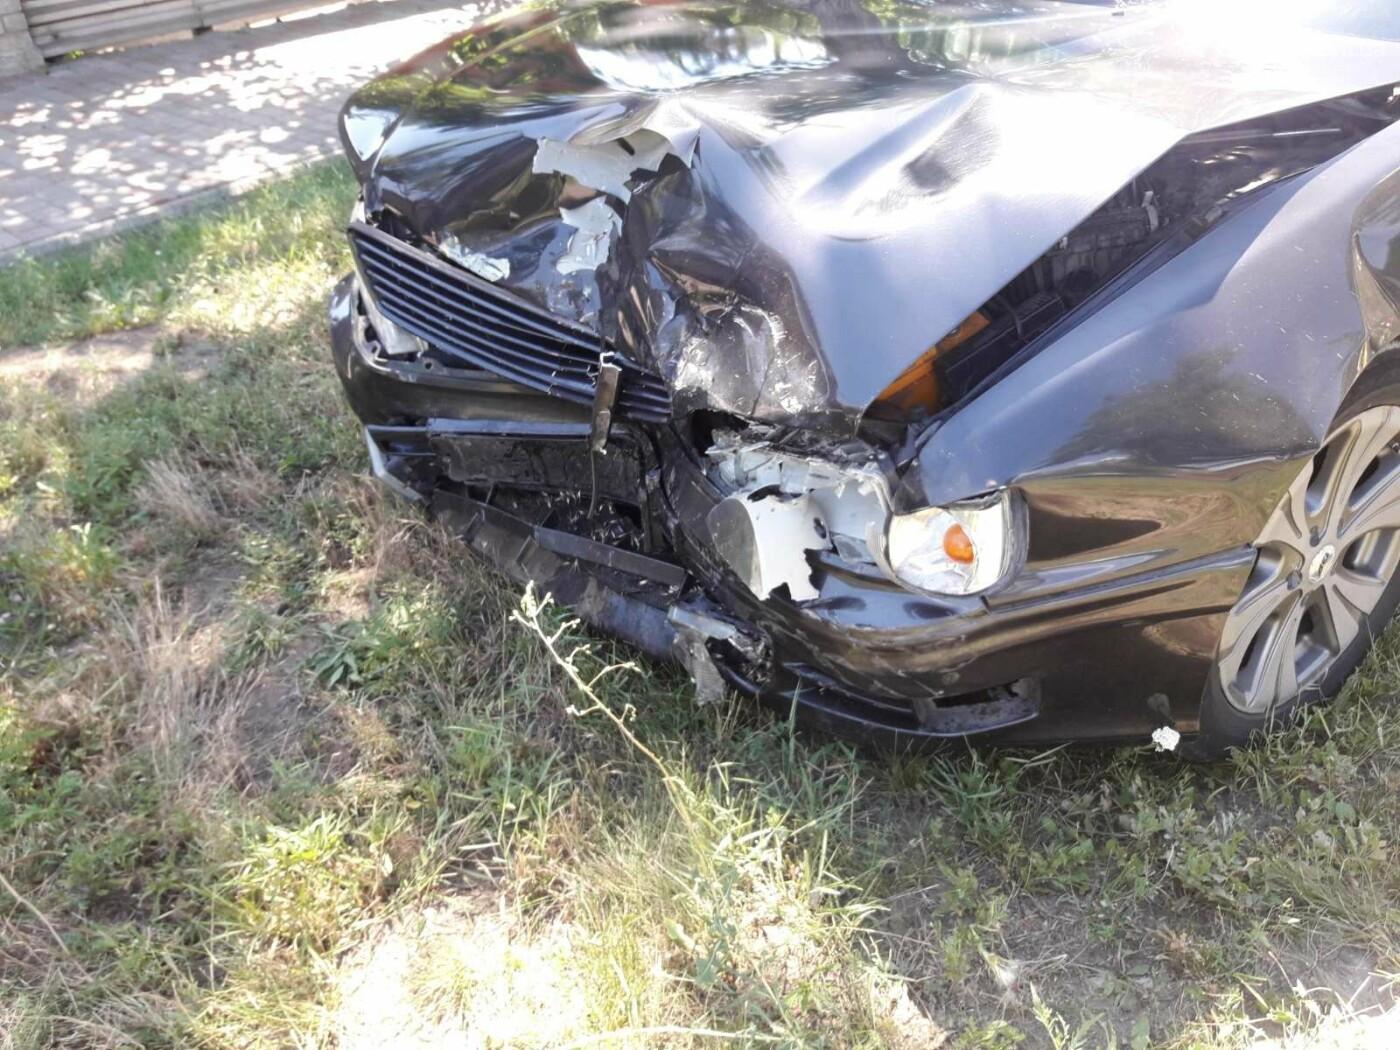 Снова ДТП! В Мариуполе на опасном перекрестке столкнулись Nissan и Mercedes. Пострадала девушка-водитель, - ФОТО, ВИДЕО, фото-2